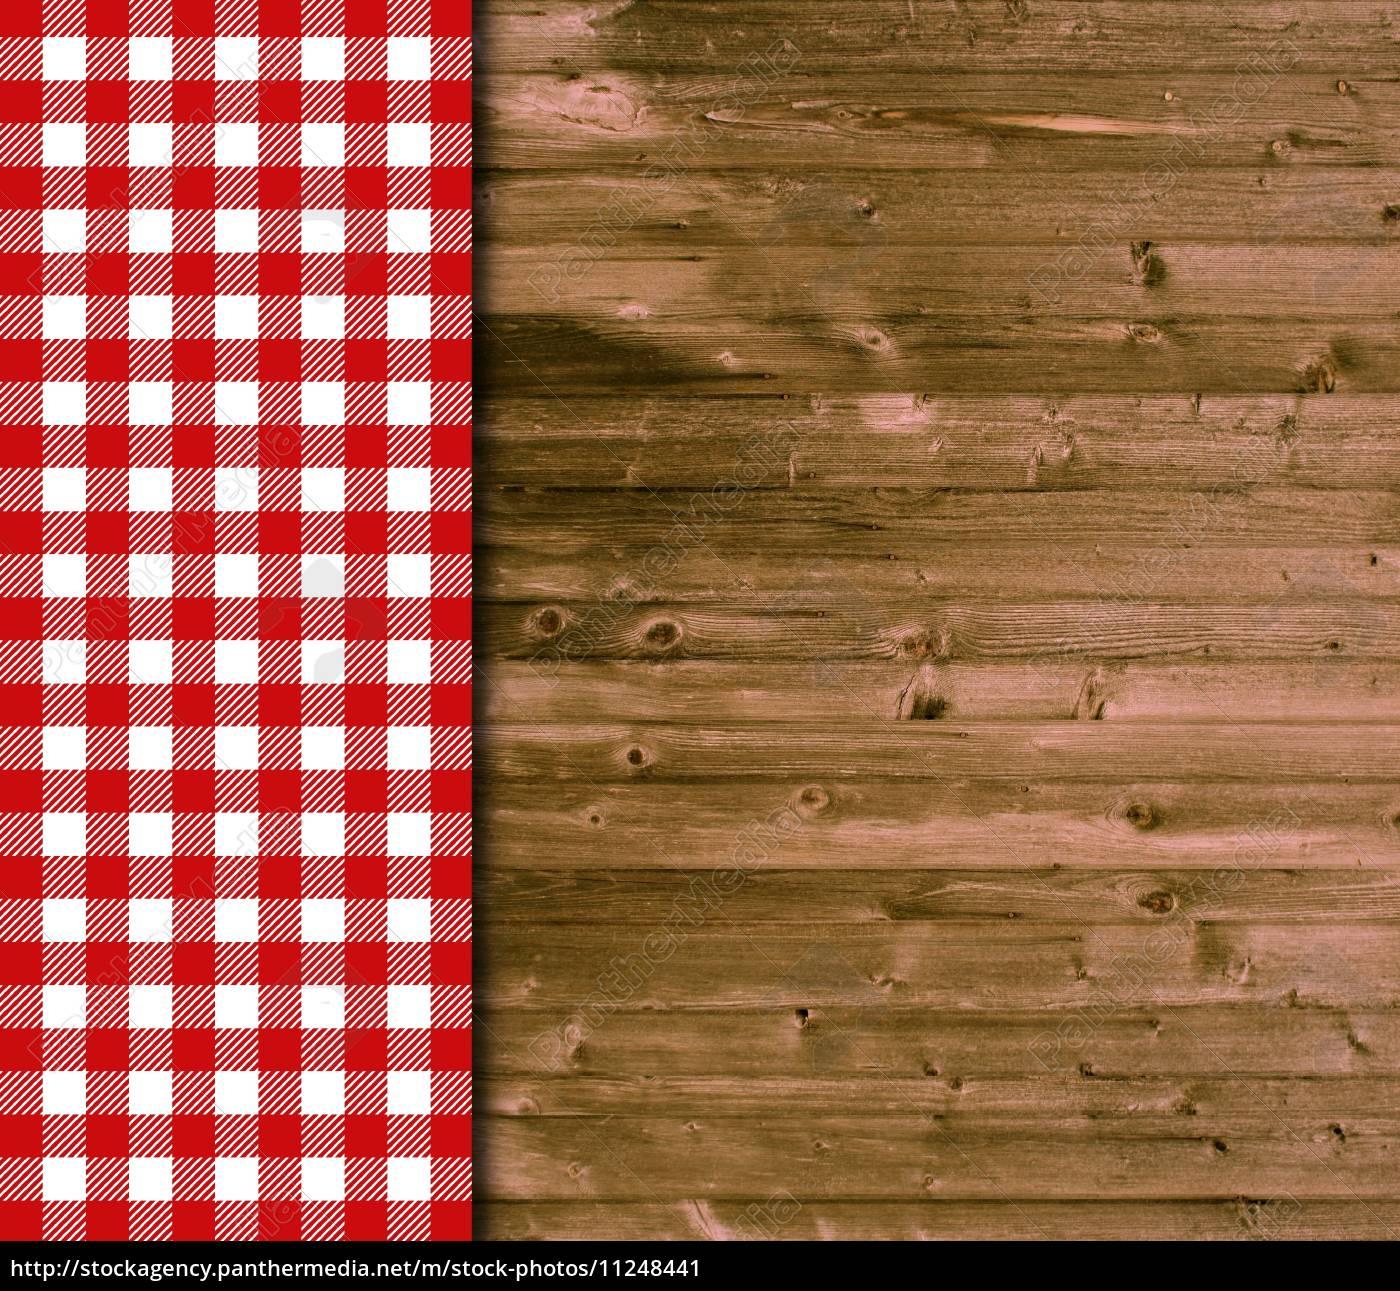 holz hintergrund und tischdecke mit rot wei en karos lizenzfreies bild 11248441. Black Bedroom Furniture Sets. Home Design Ideas